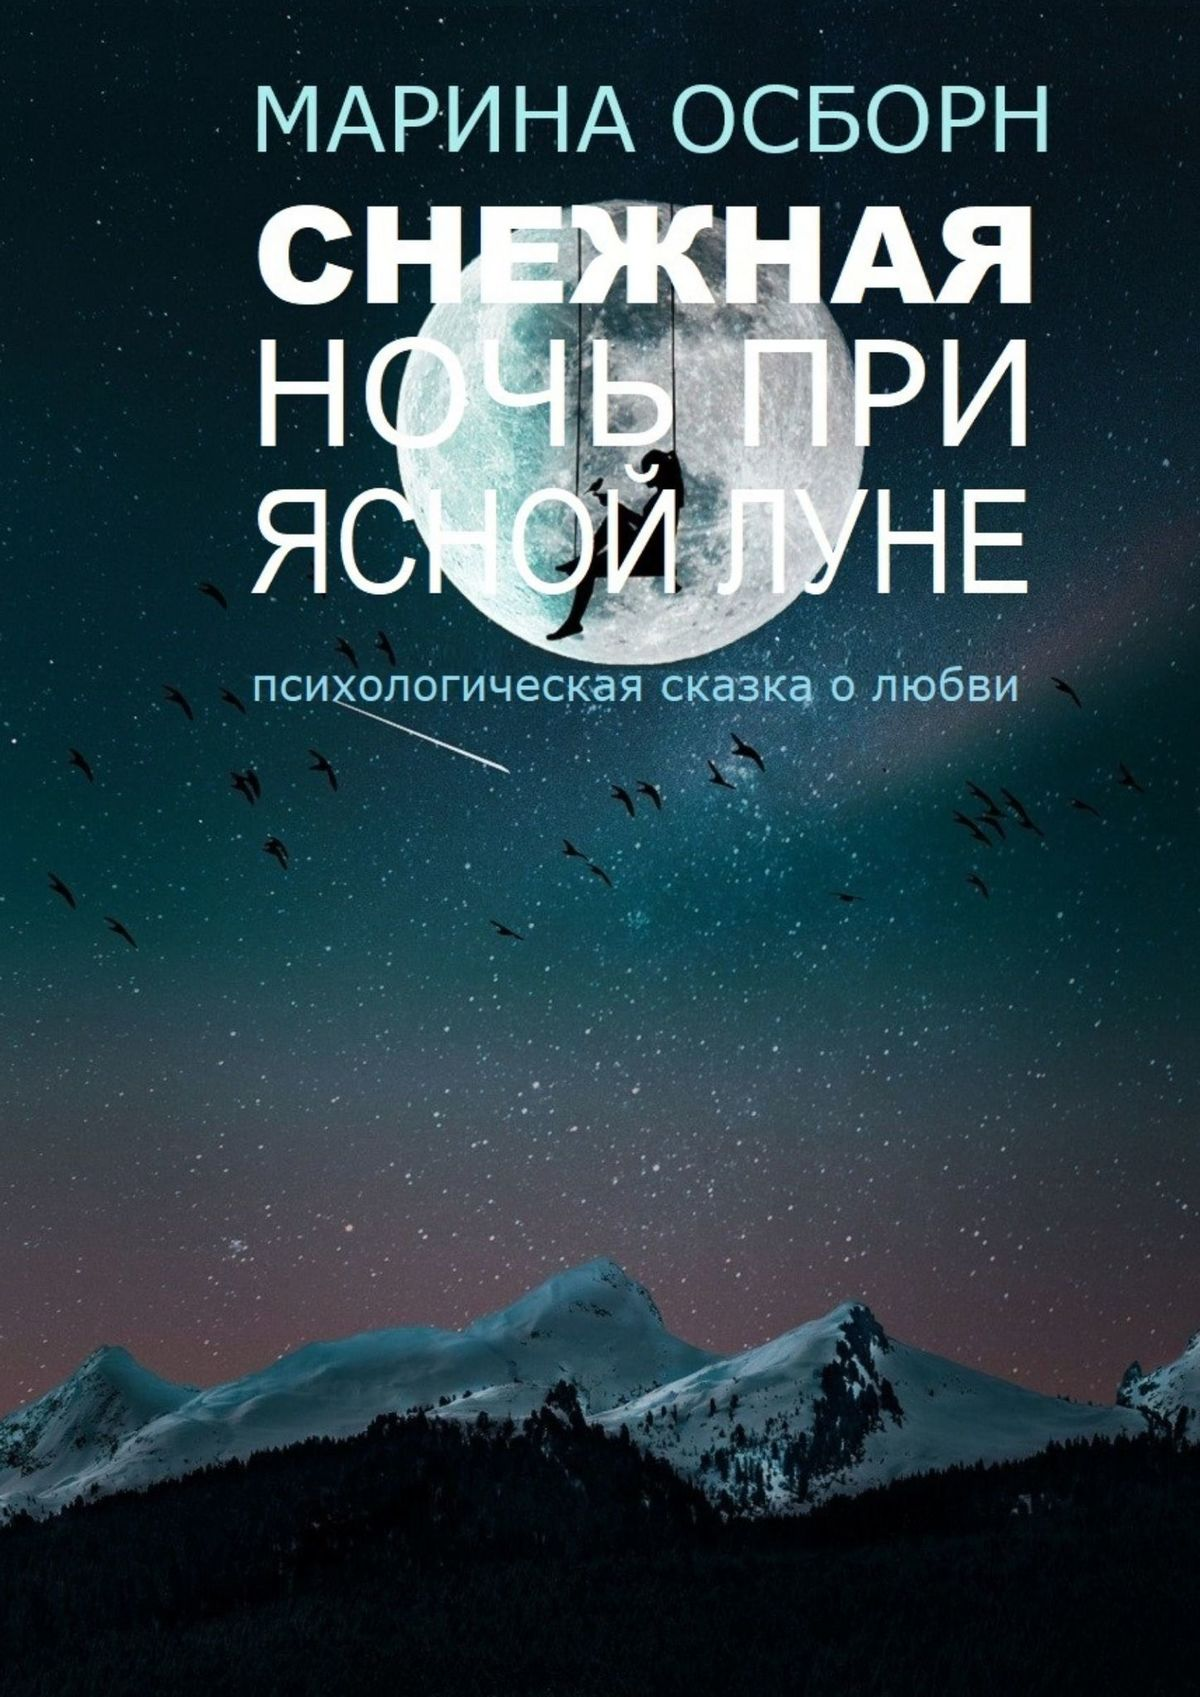 Снежная ночь при ясной луне